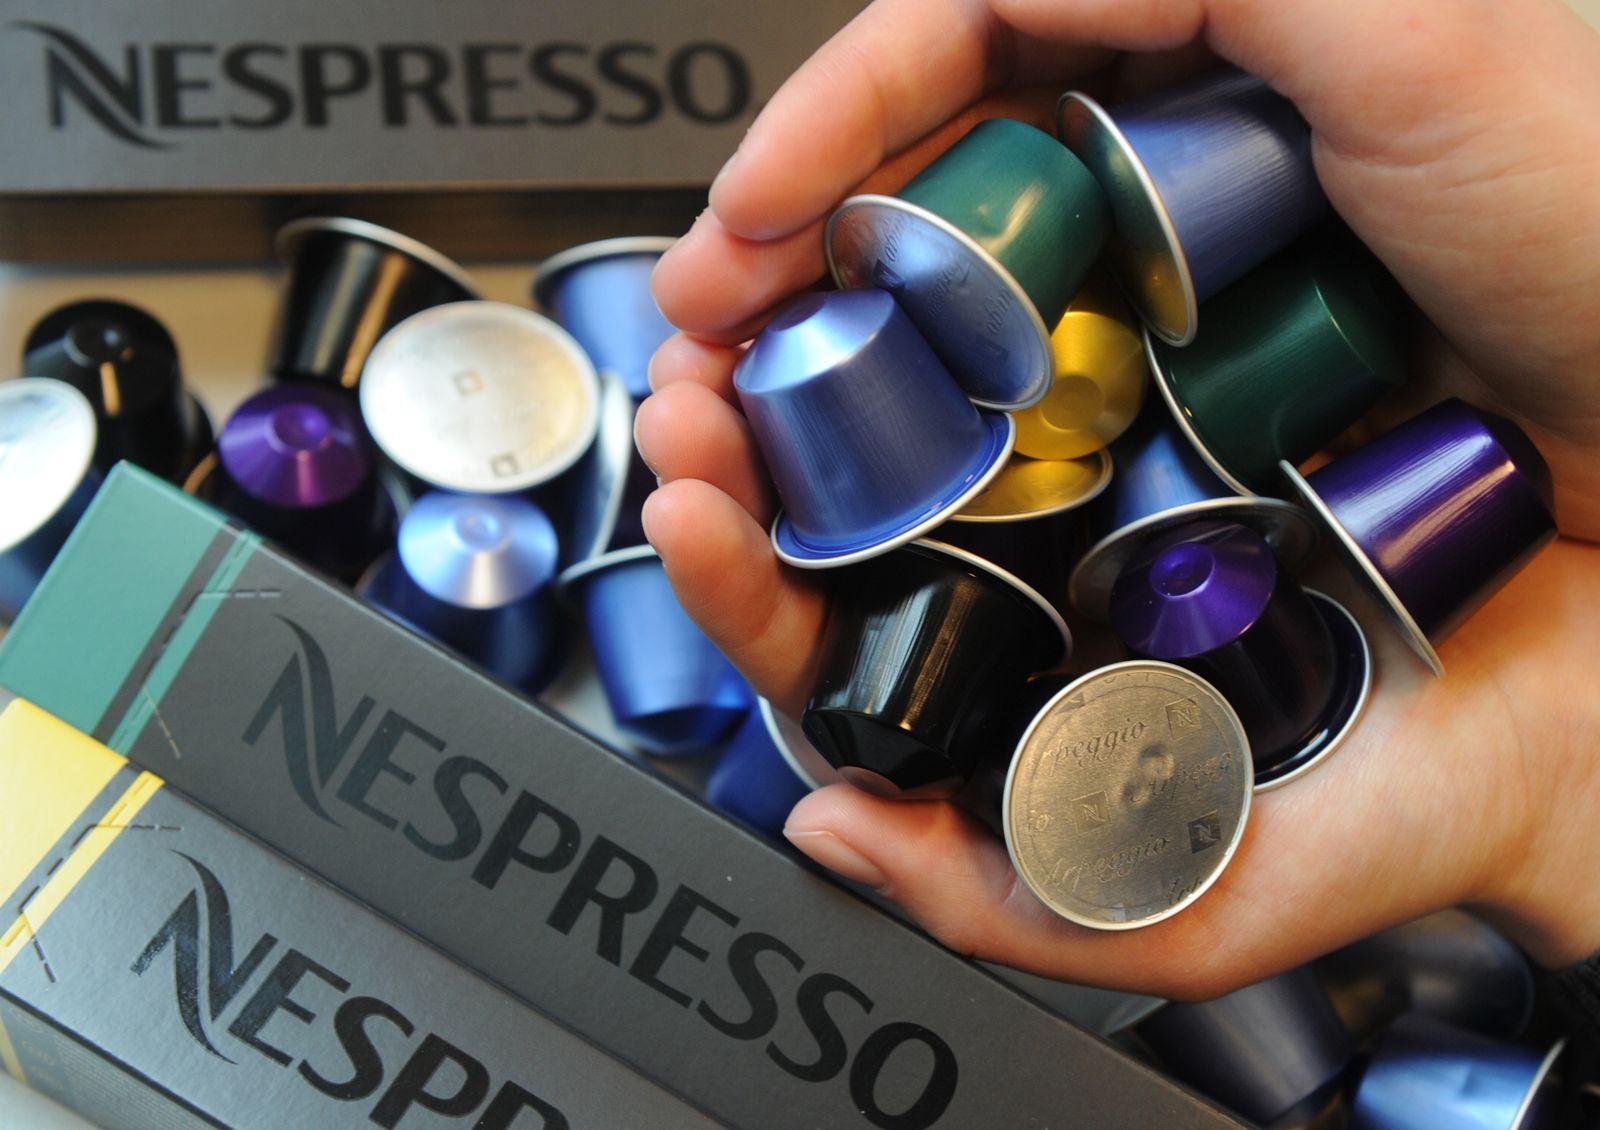 Nespresso Kaffeekapseln / Kaffee